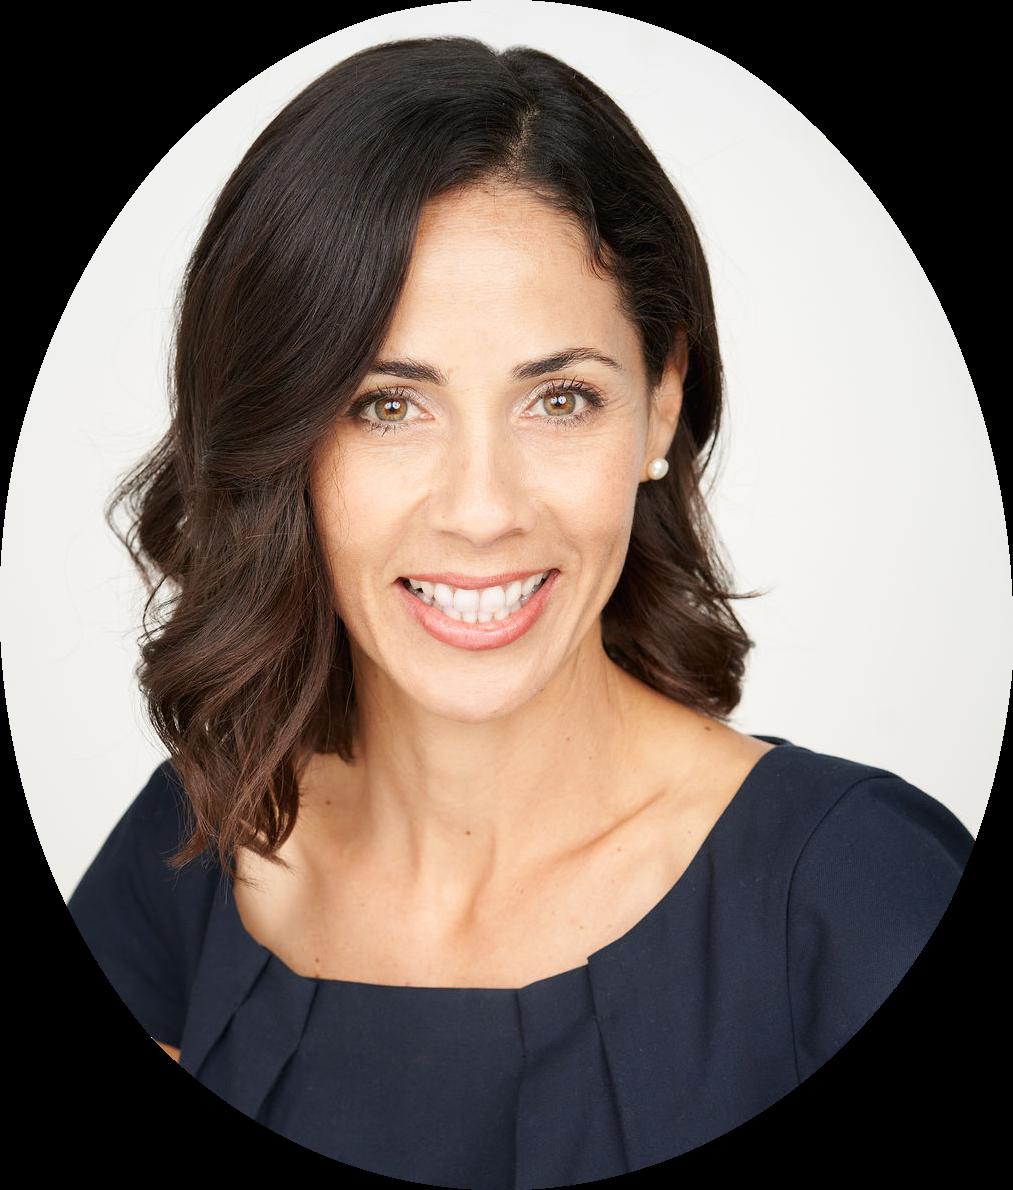 Linda Hernandez - Buyer's SpecialistLinda@KlapperGroup.com